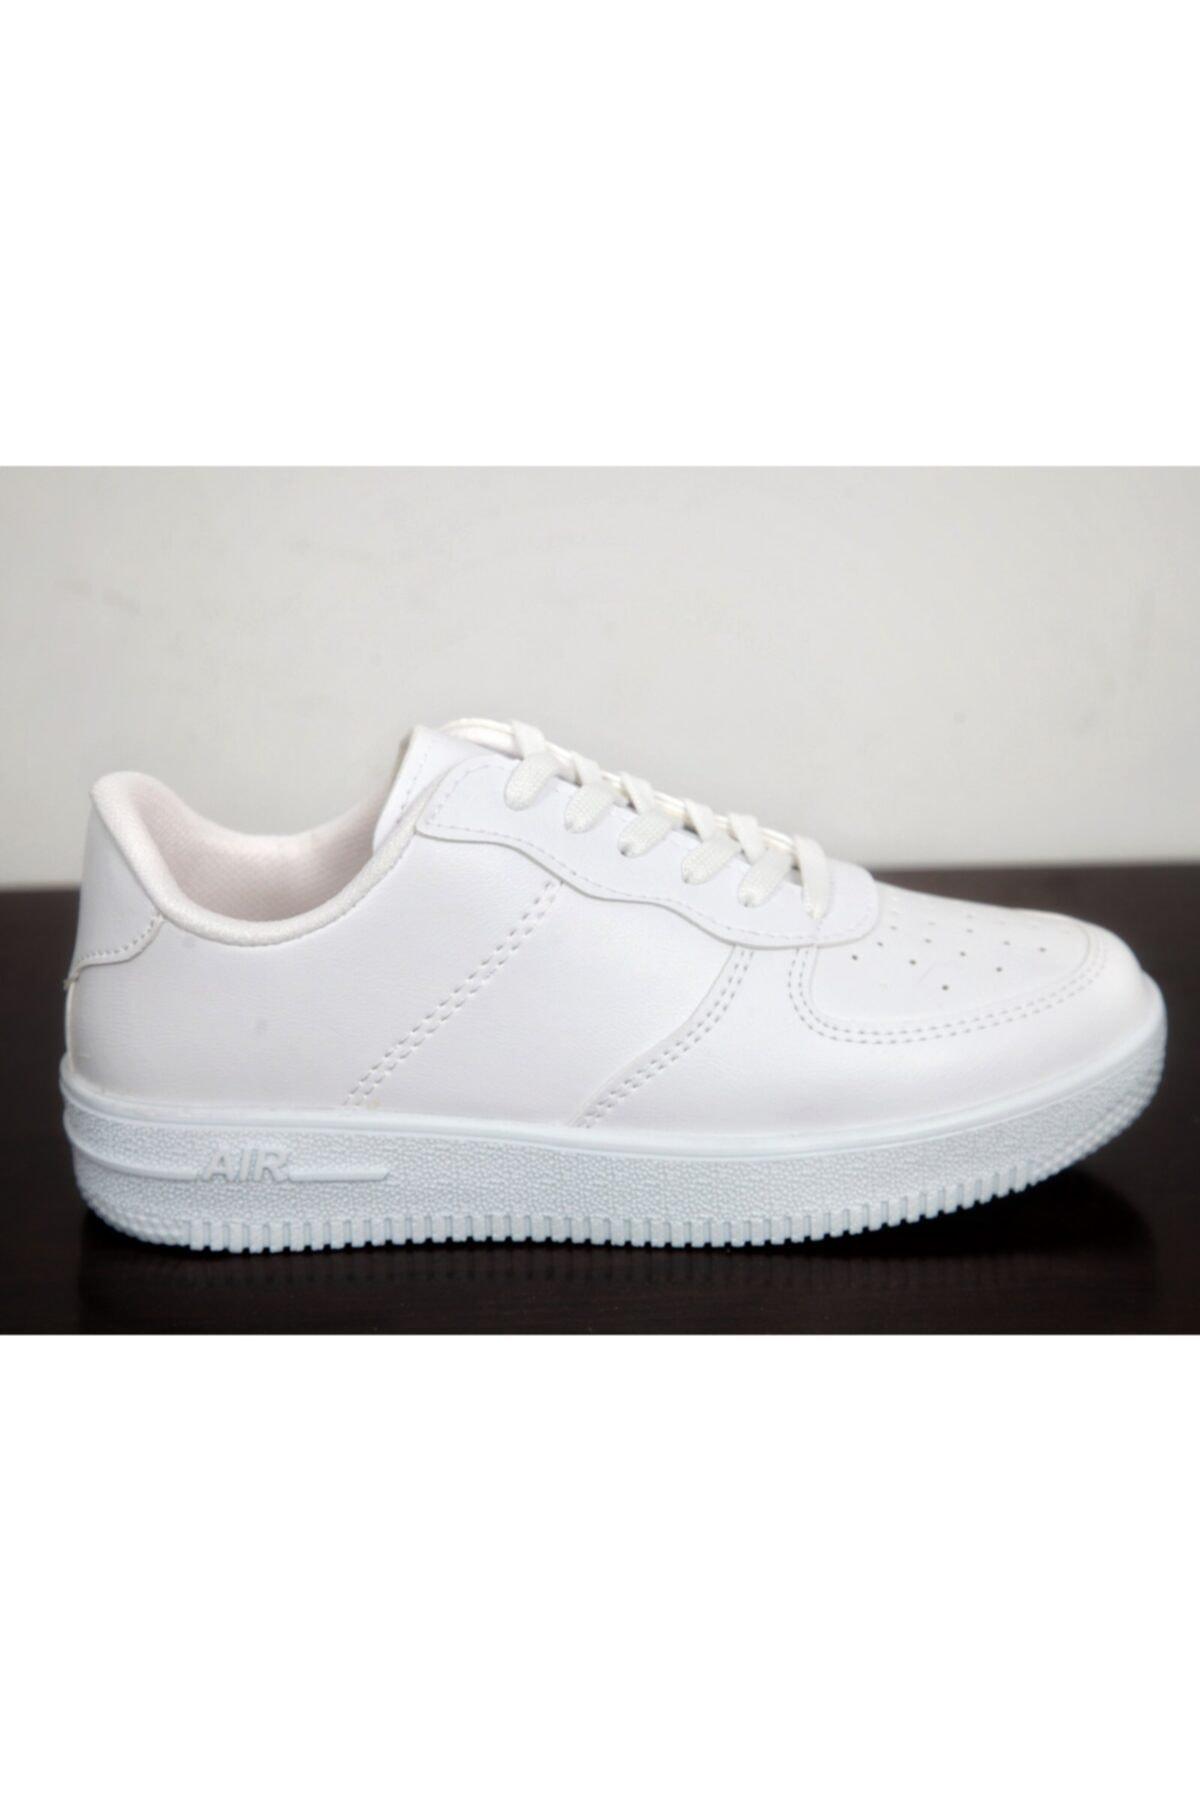 pollpac Air Unisex Sneaker 2